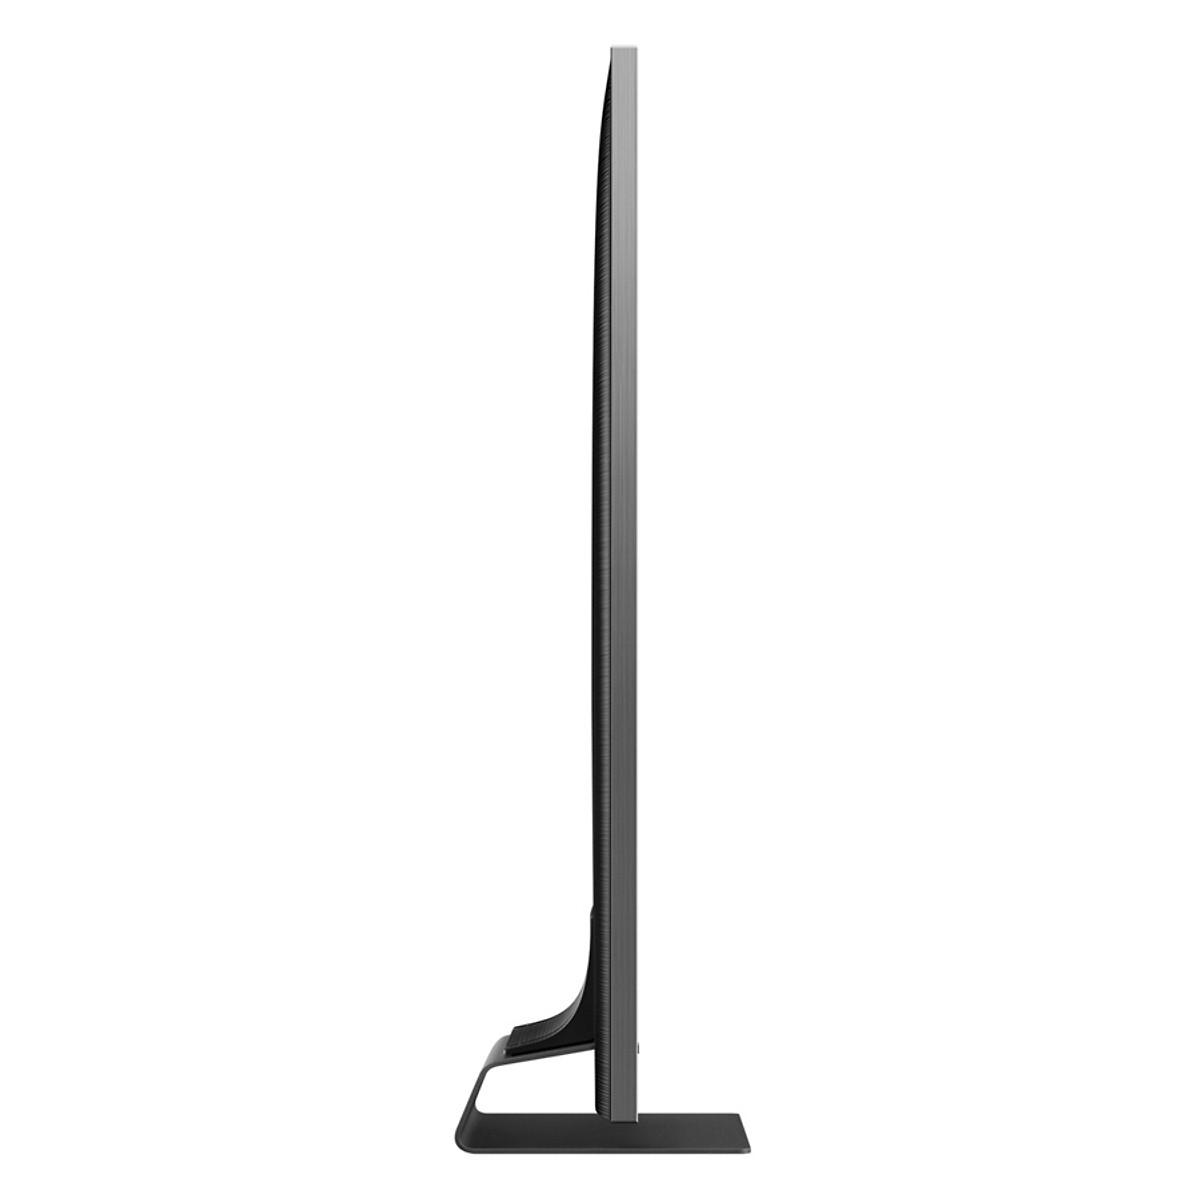 Smart Tivi QLED Samsung 65 inch 4K UHD QA65Q90RAKXXV - Hàng Chính Hãng + Tặng Khung Treo Cố Định